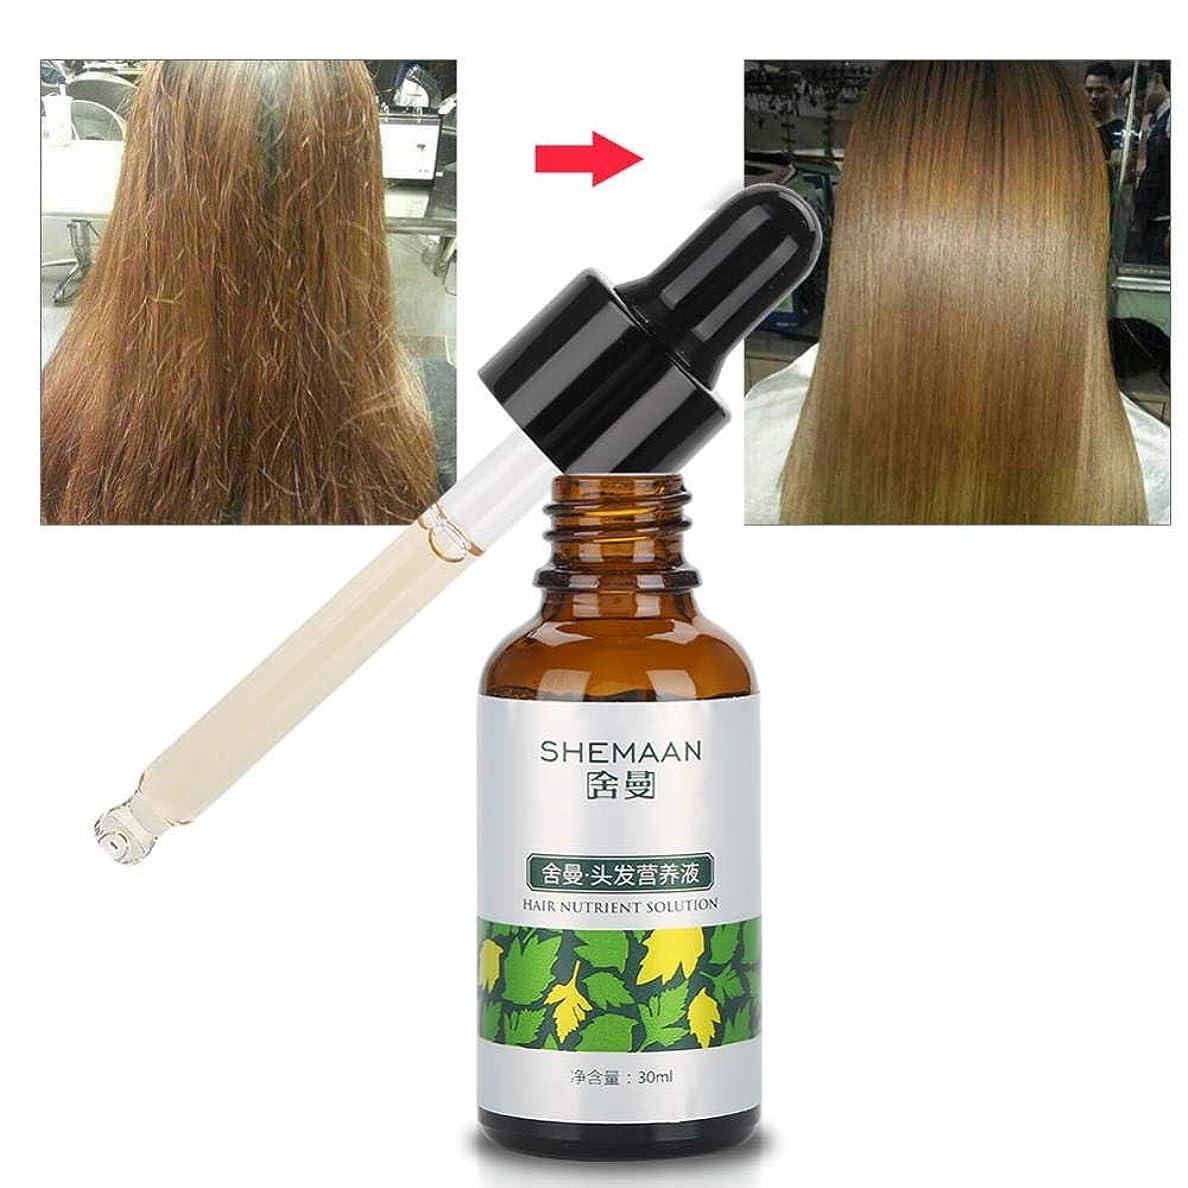 許される内側電池オイルヘア製品、30mlユニセックスセラムにより、髪を滑らかで柔らかく、明るい髪にします。髪のもつれや枝毛を減らします。